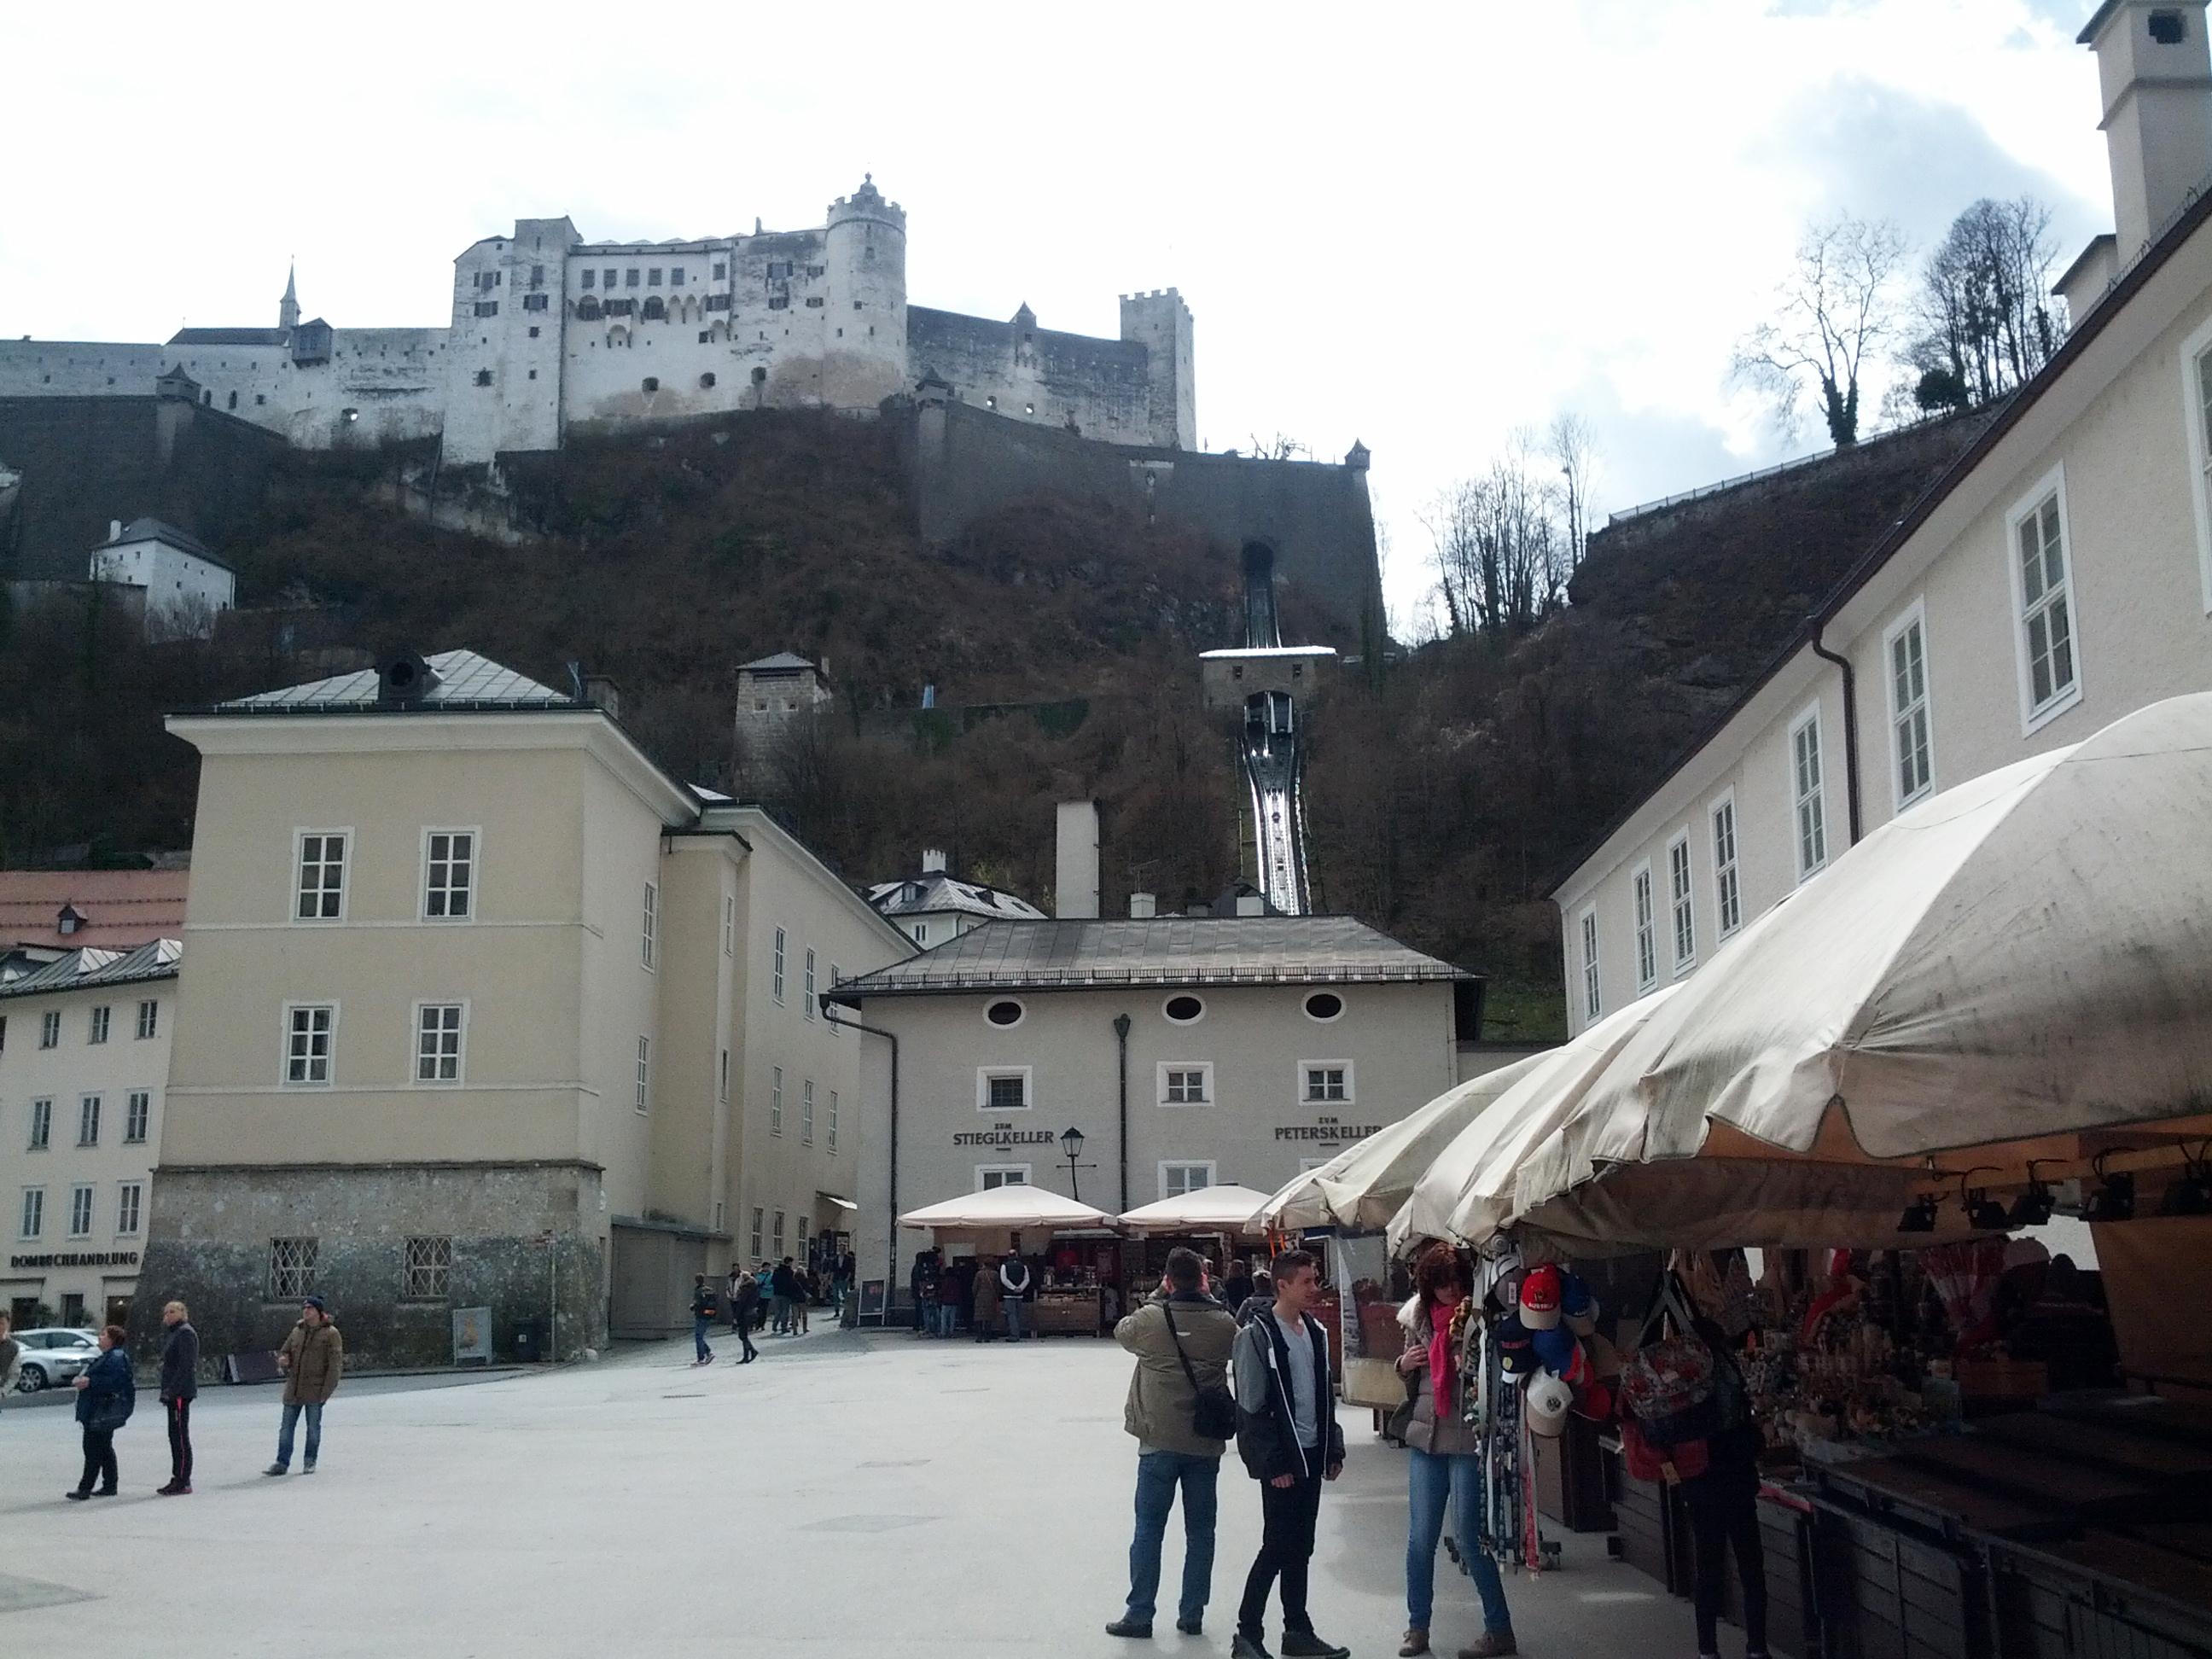 Fortresshohensalzburg